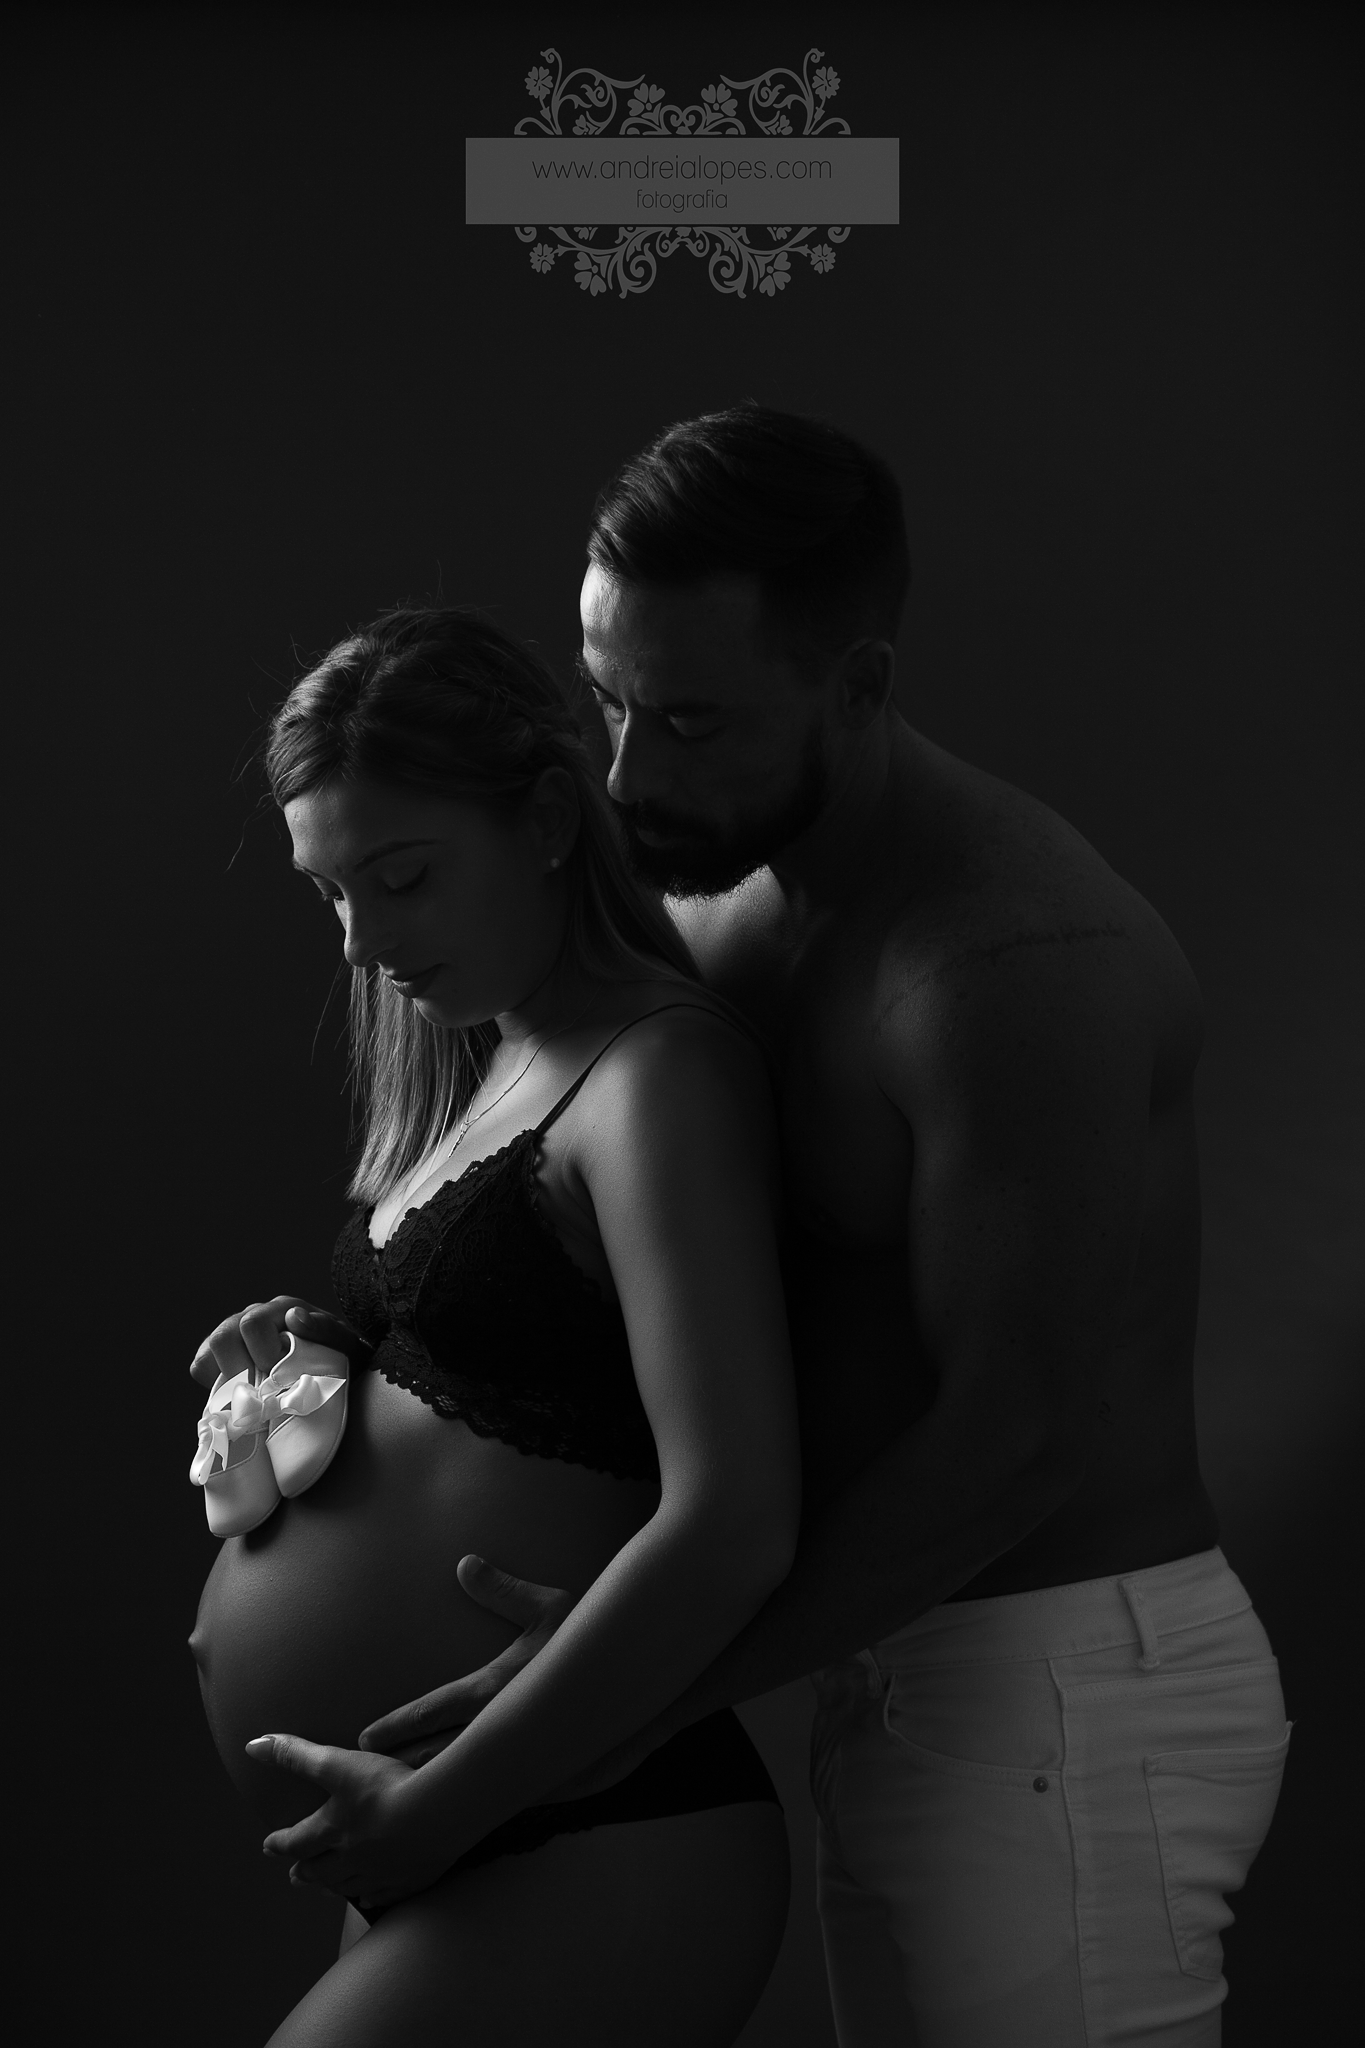 Sessão de grávida em Estúdio em Loulé - Algarve